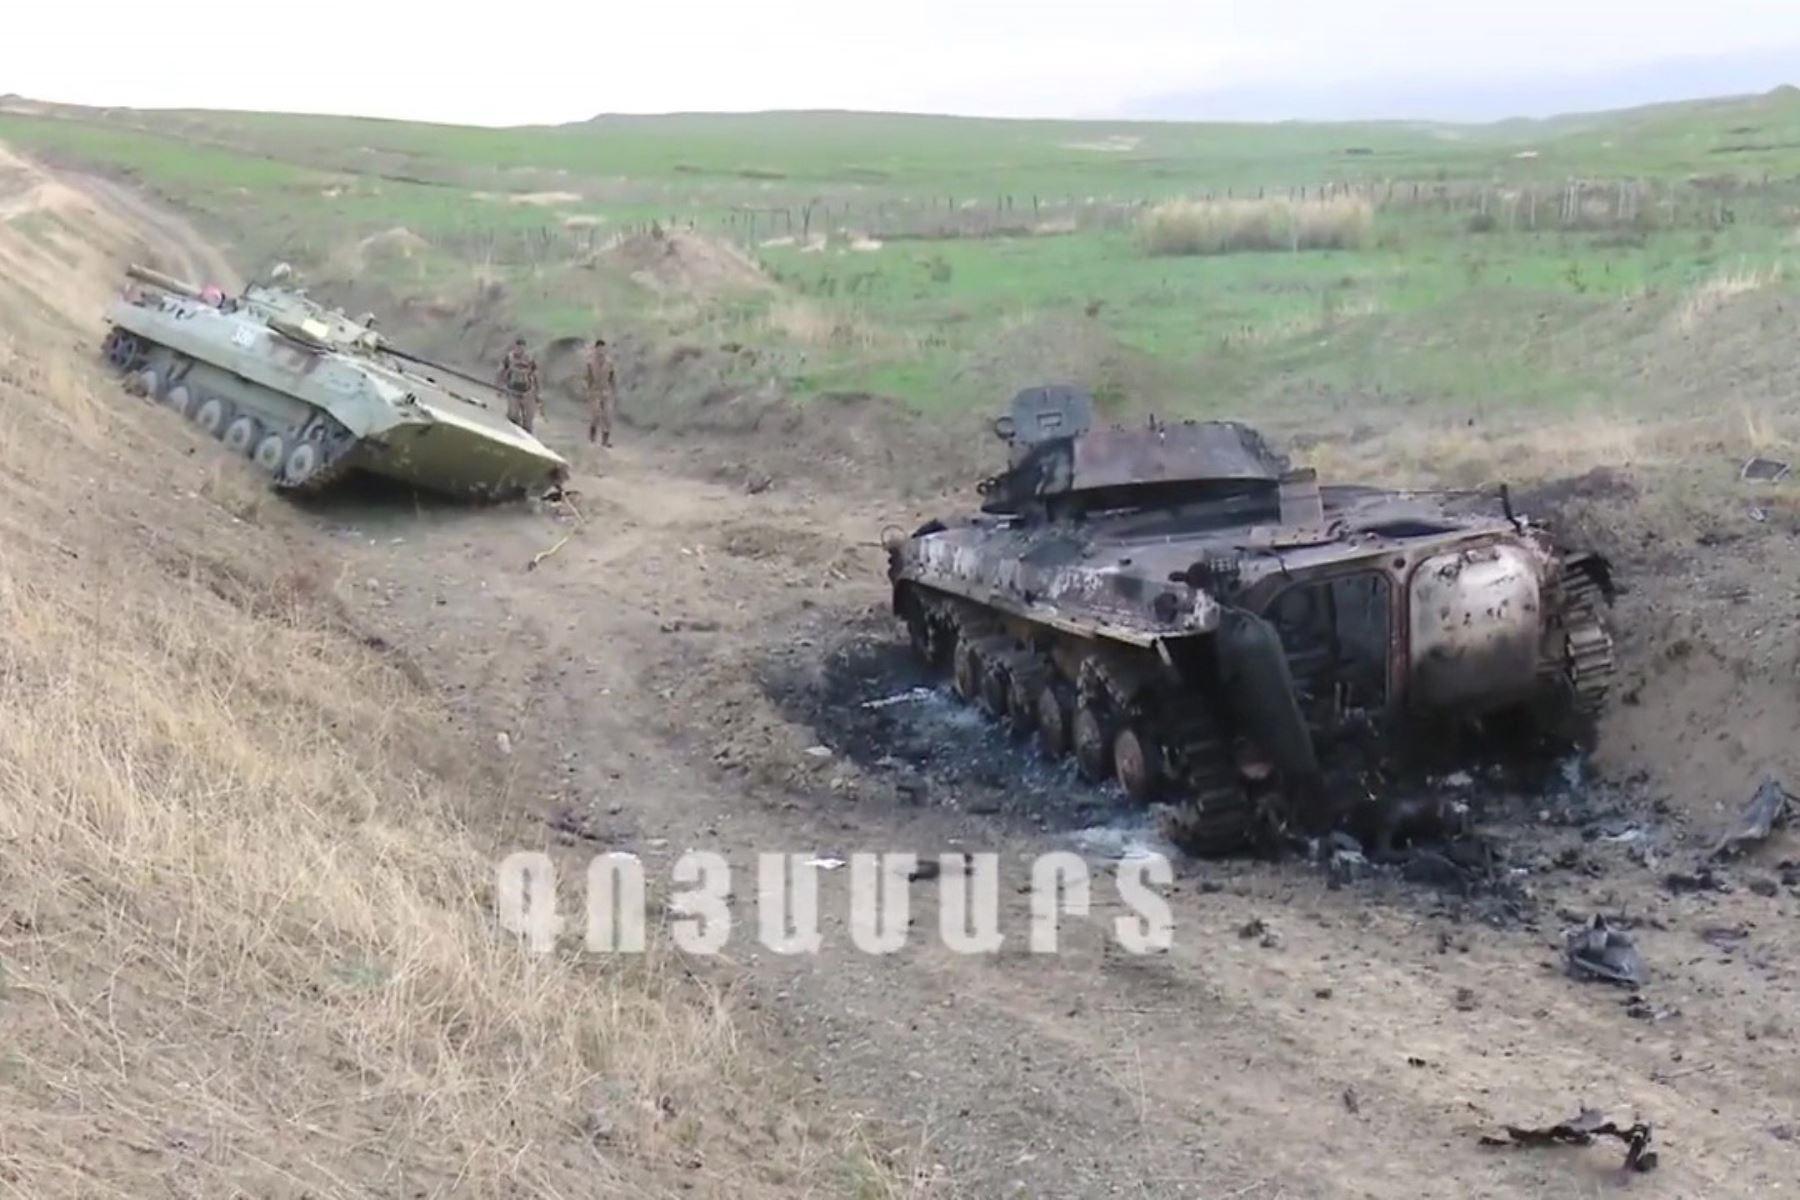 Una captura tomada de un video de un folleto publicado por el llamado Ejército de Defensa de Nagorno-Karabaj (NKR), o Ejército de Defensa de Artsaj, a través de Youtube, afirma mostrar tanques supuestamente destruidos en bombardeos. , artillería y ataques aéreos a lo largo del frente en la República de Nagorno-Karabaj, en la frontera de Armenia y Azerbaiyán. Foto: EFE